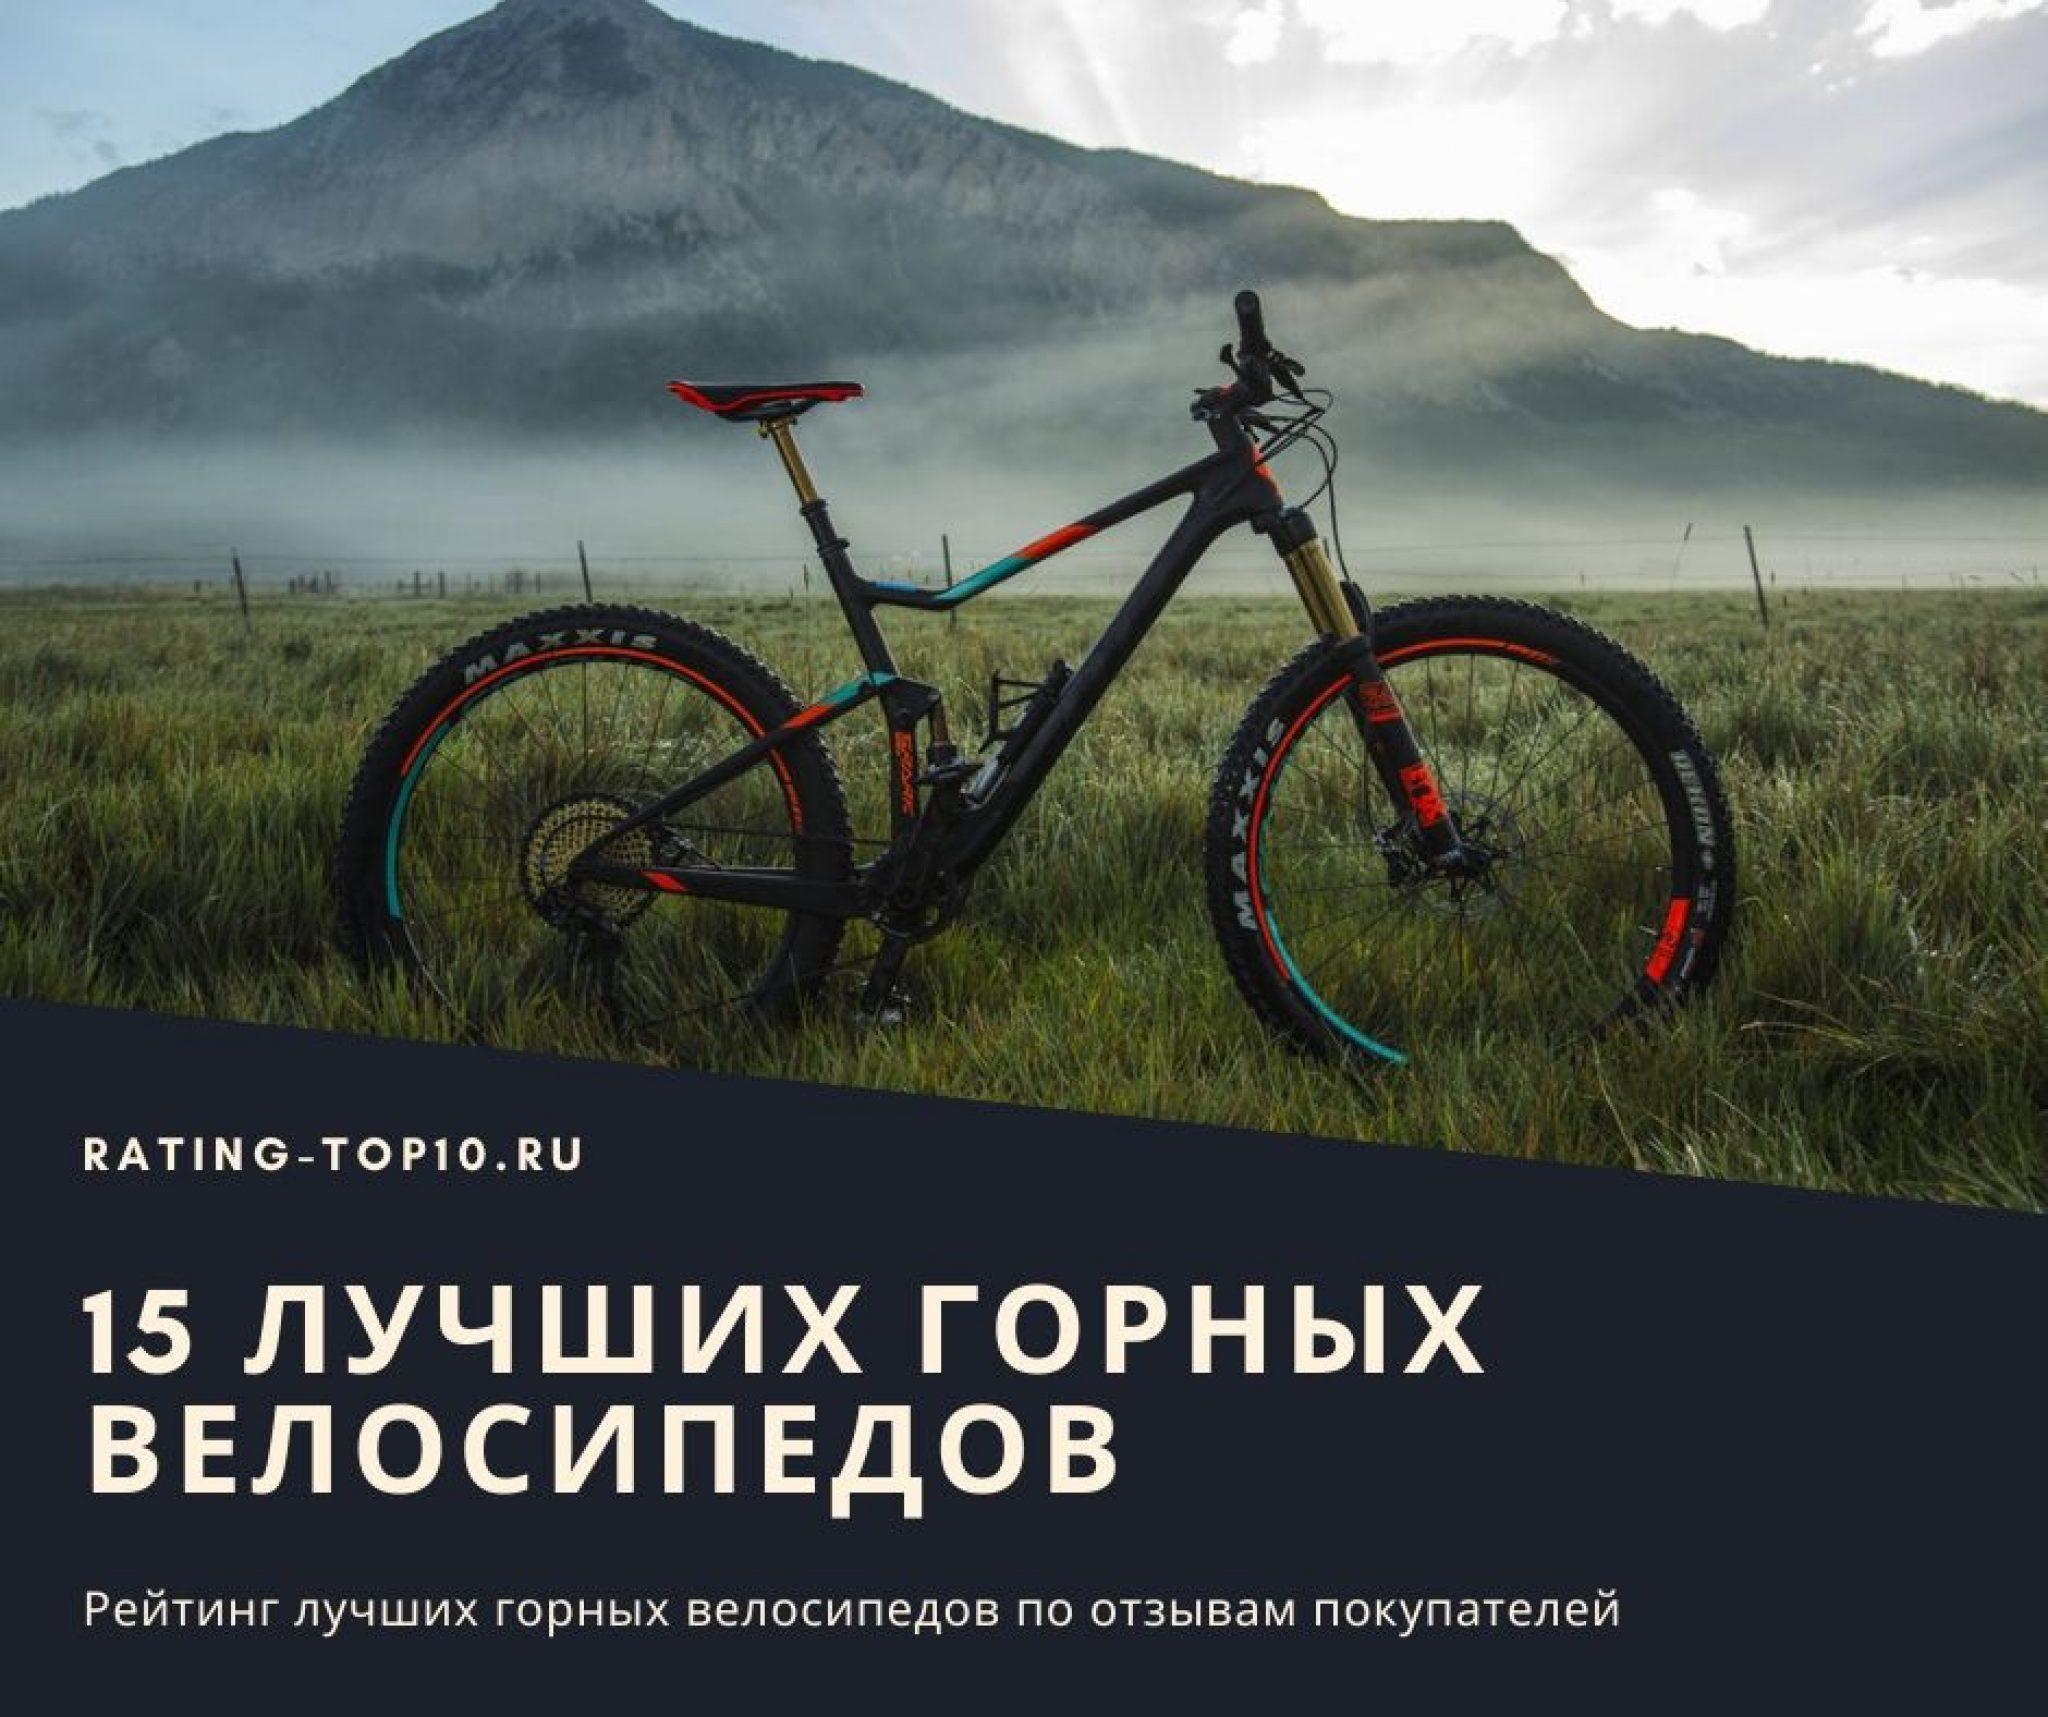 Рейтинг велосипедных брендов: лучшие марки велосипедов (топ10)